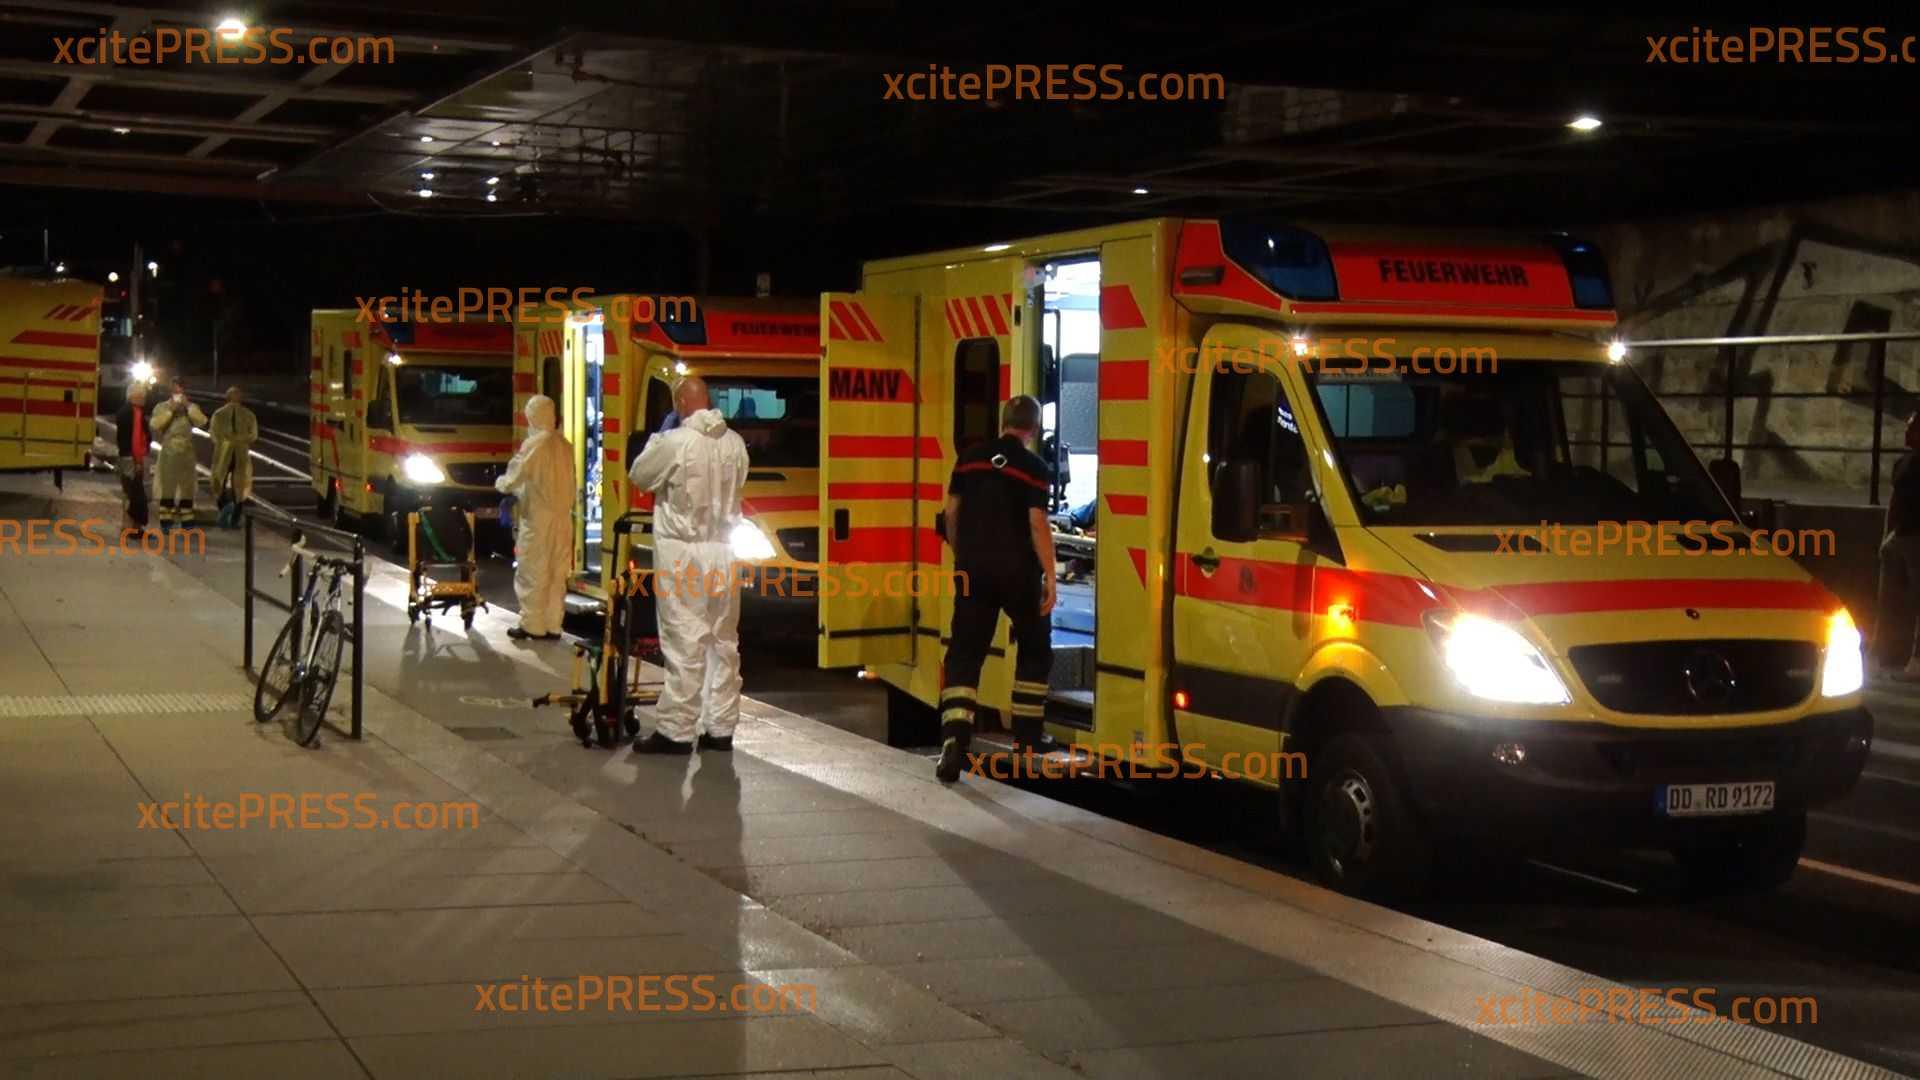 Pfadfindergruppe klagt über Übelkeit: 12 Personen ins Krankenhaus gebracht: Großeinsatz am Strehlener S-Bahnhof